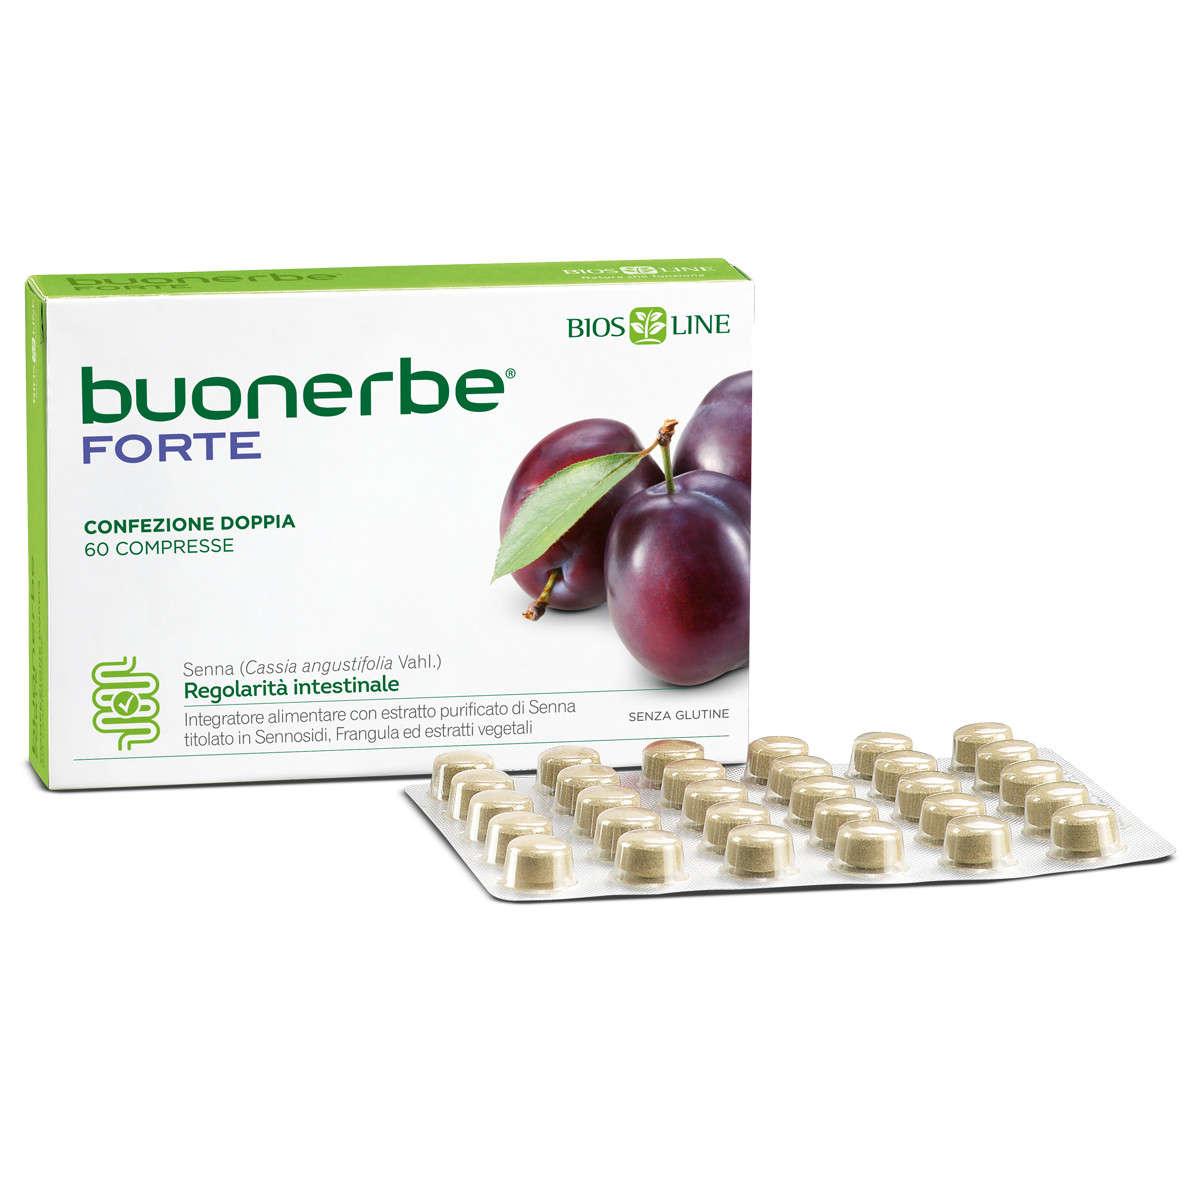 Bios Line Buon Erbe - Forte